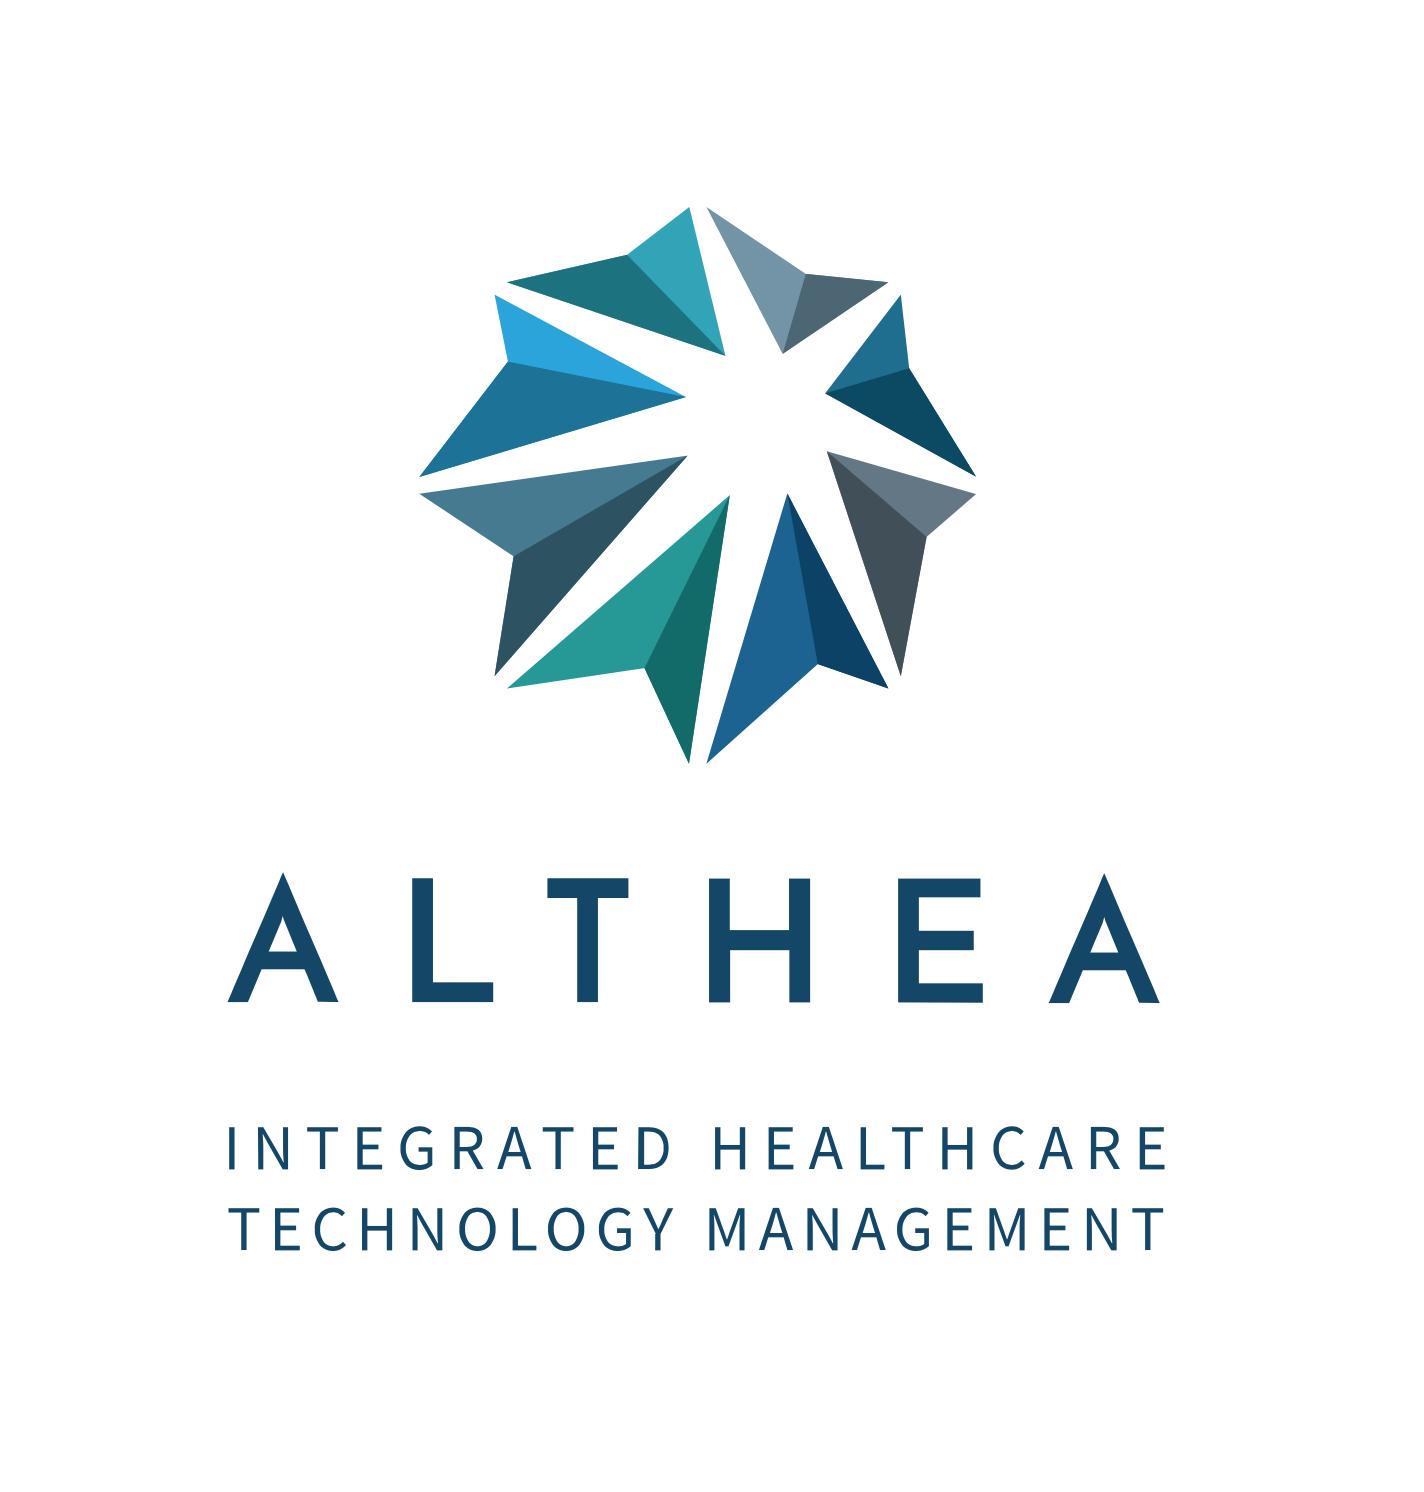 Les rencontres Hospitalia à la PHW 2018 : ALTHEA France